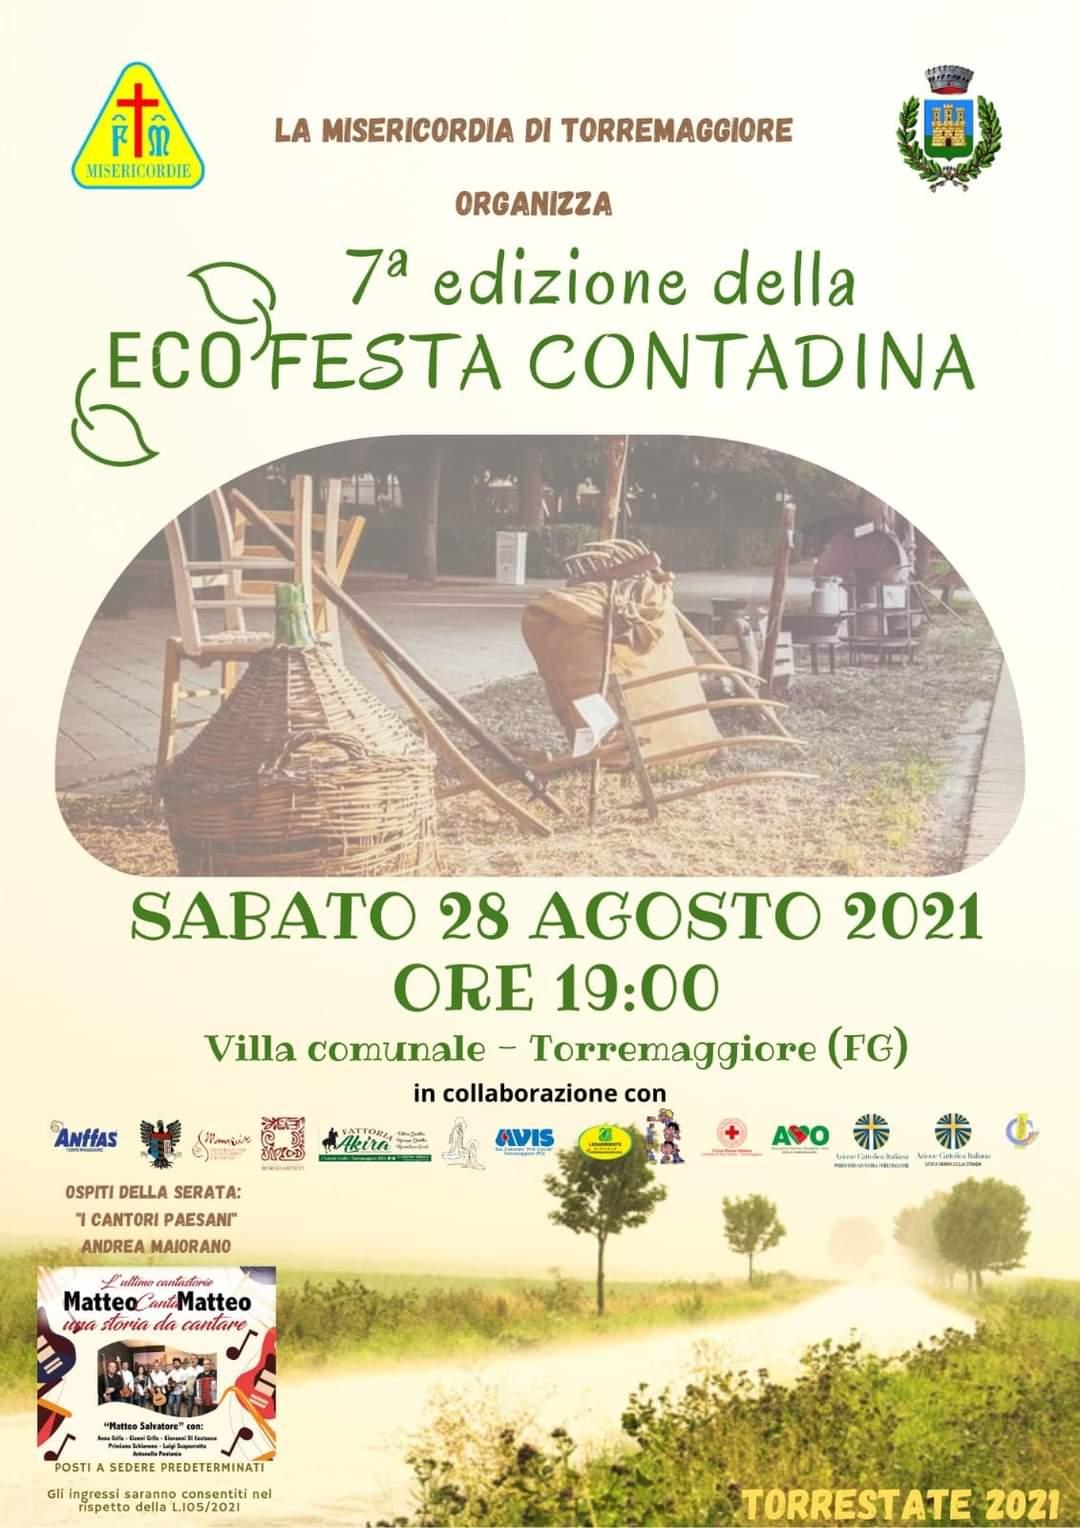 7^edizione della Festa Contadina il 28 agosto 2021 a Torremaggiore alla Villa Comunale Federico II di Svevia a partire dalle ore 19